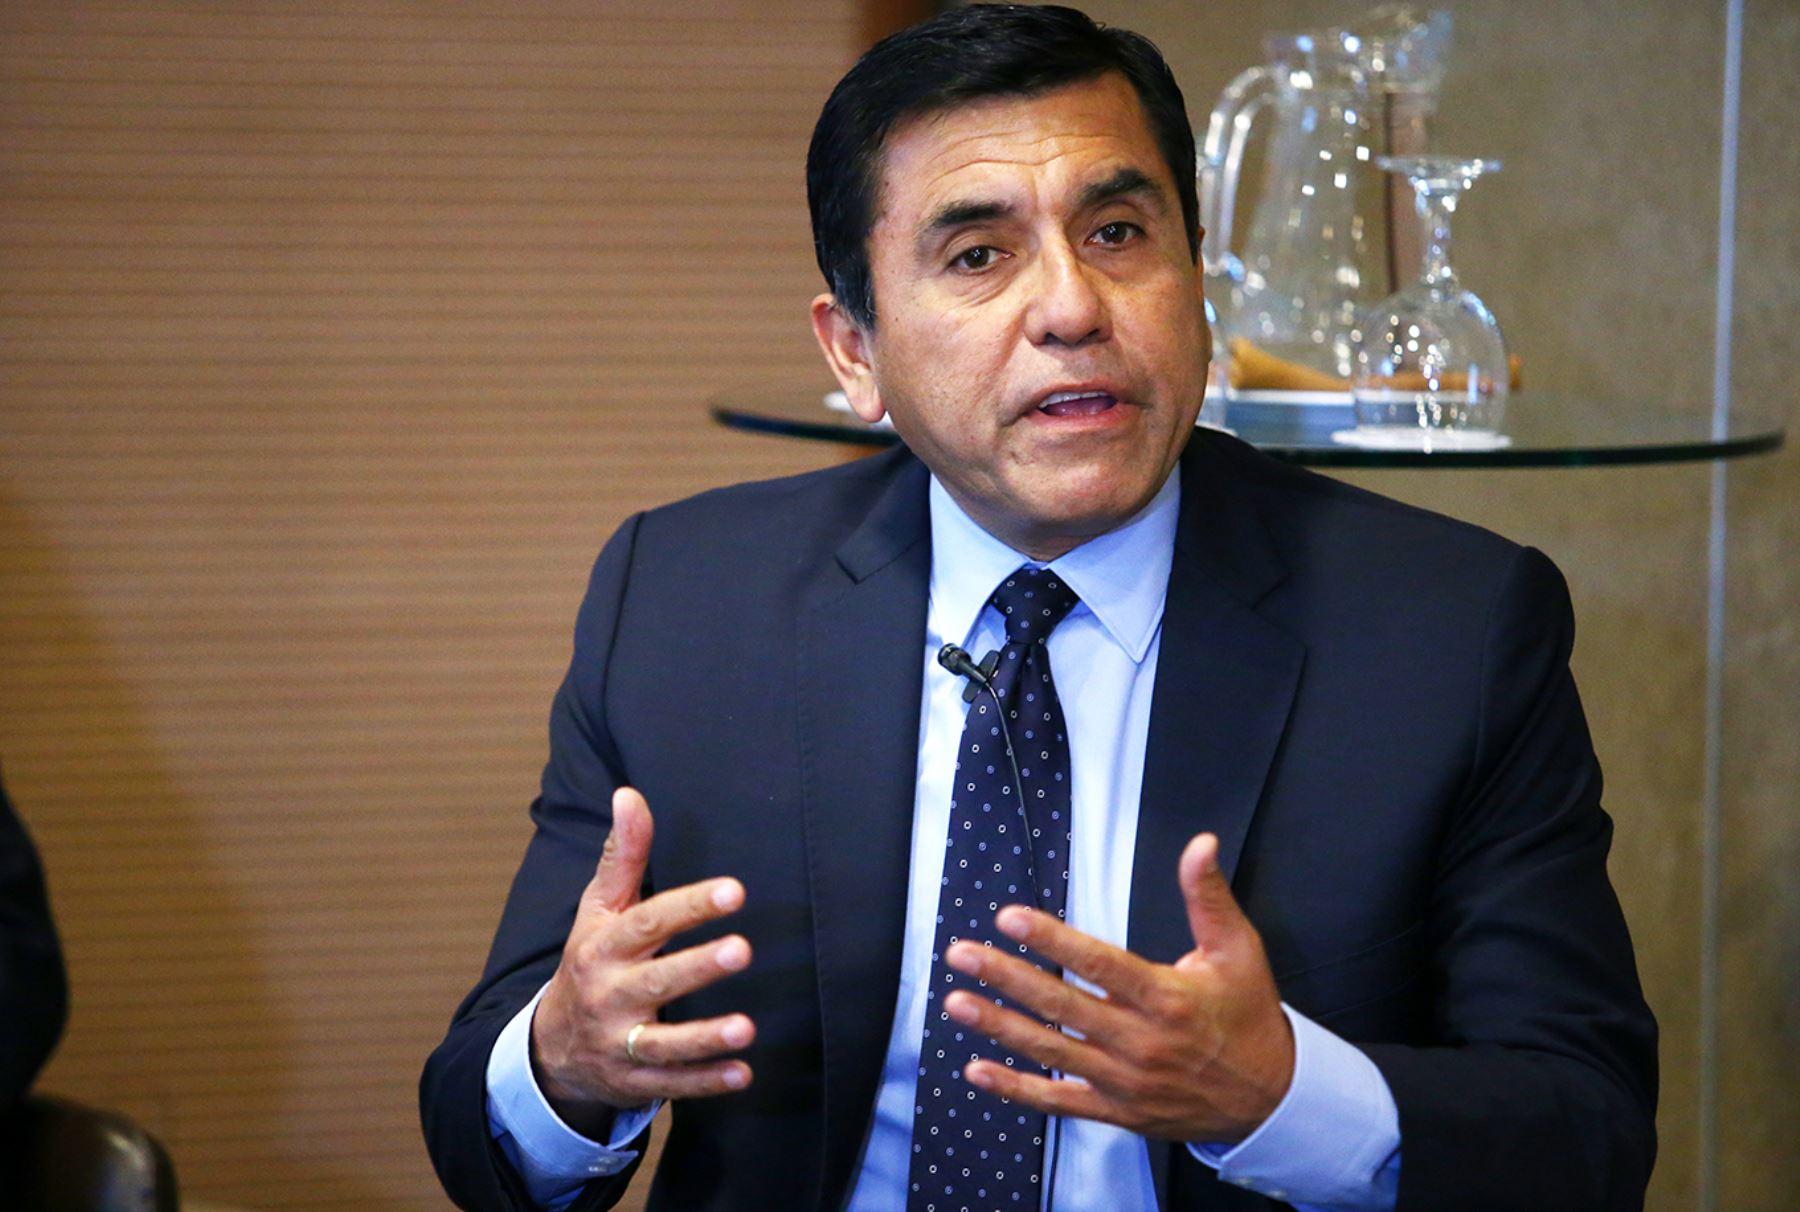 Jefe del Departamento de Economía de la Universidad del Pacífico, Carlos Casas. ANDINA/Melina Mejía